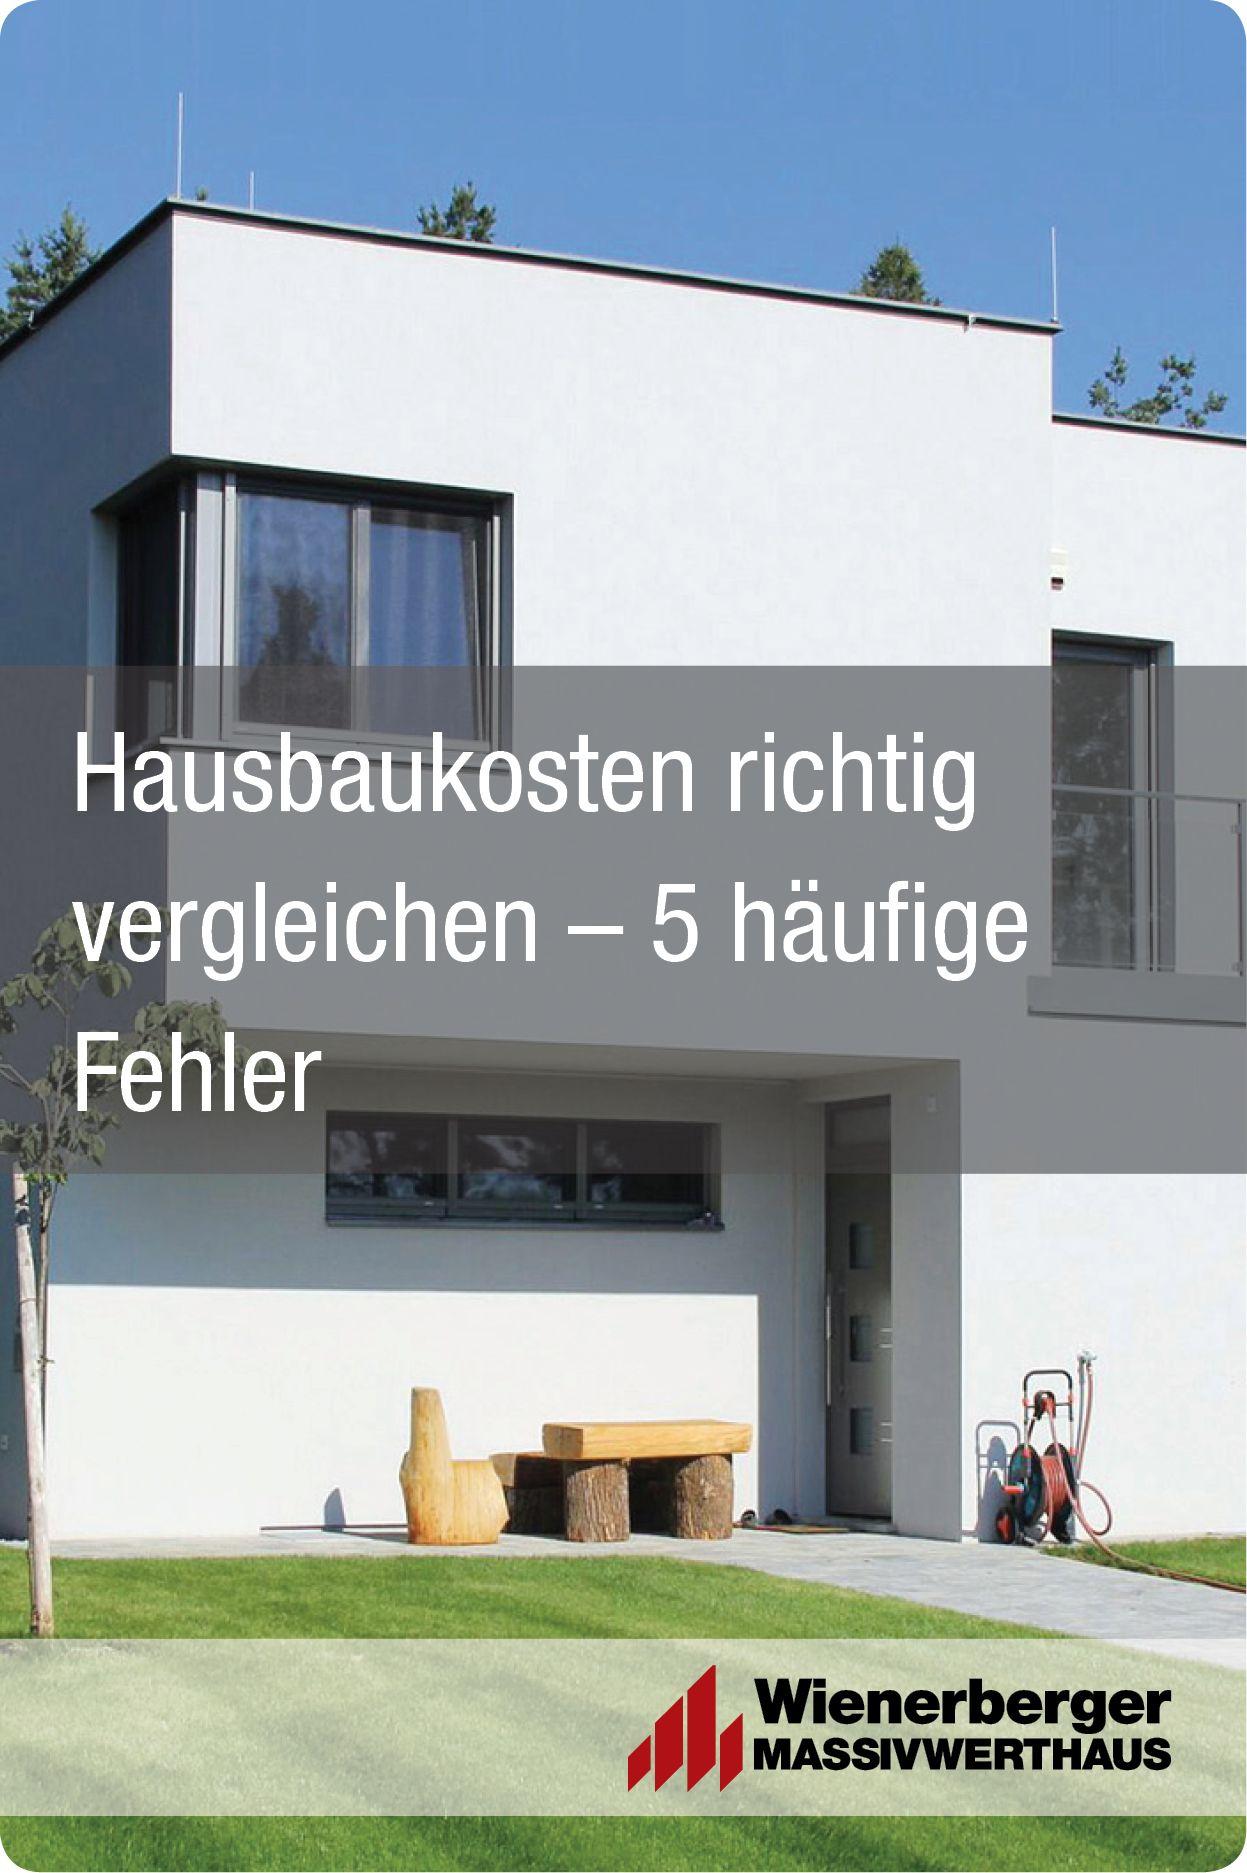 Hausbau Kosten Richtig Vergleichen 5 Haufige Fehler Haus Bauen Hausbau Kosten Haus